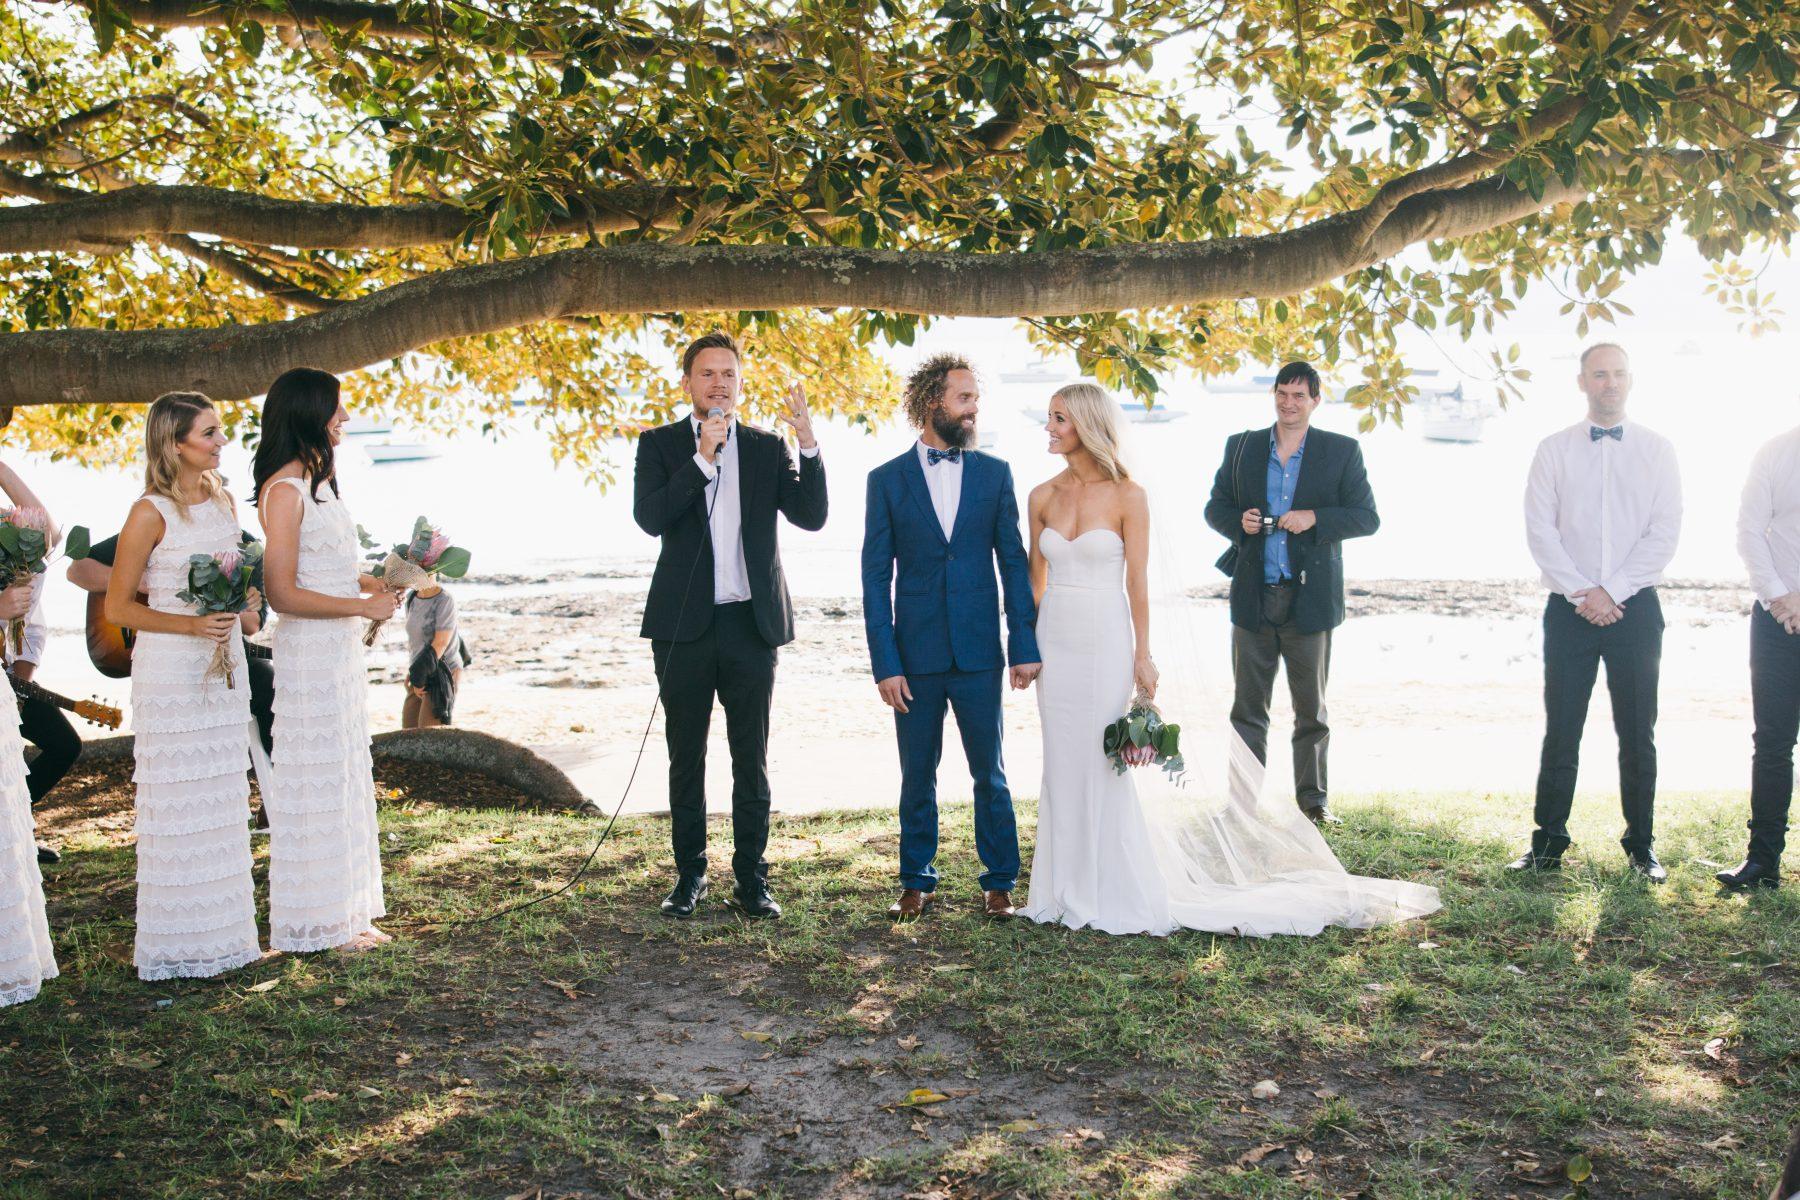 Weddings Gallery - Ceremonies